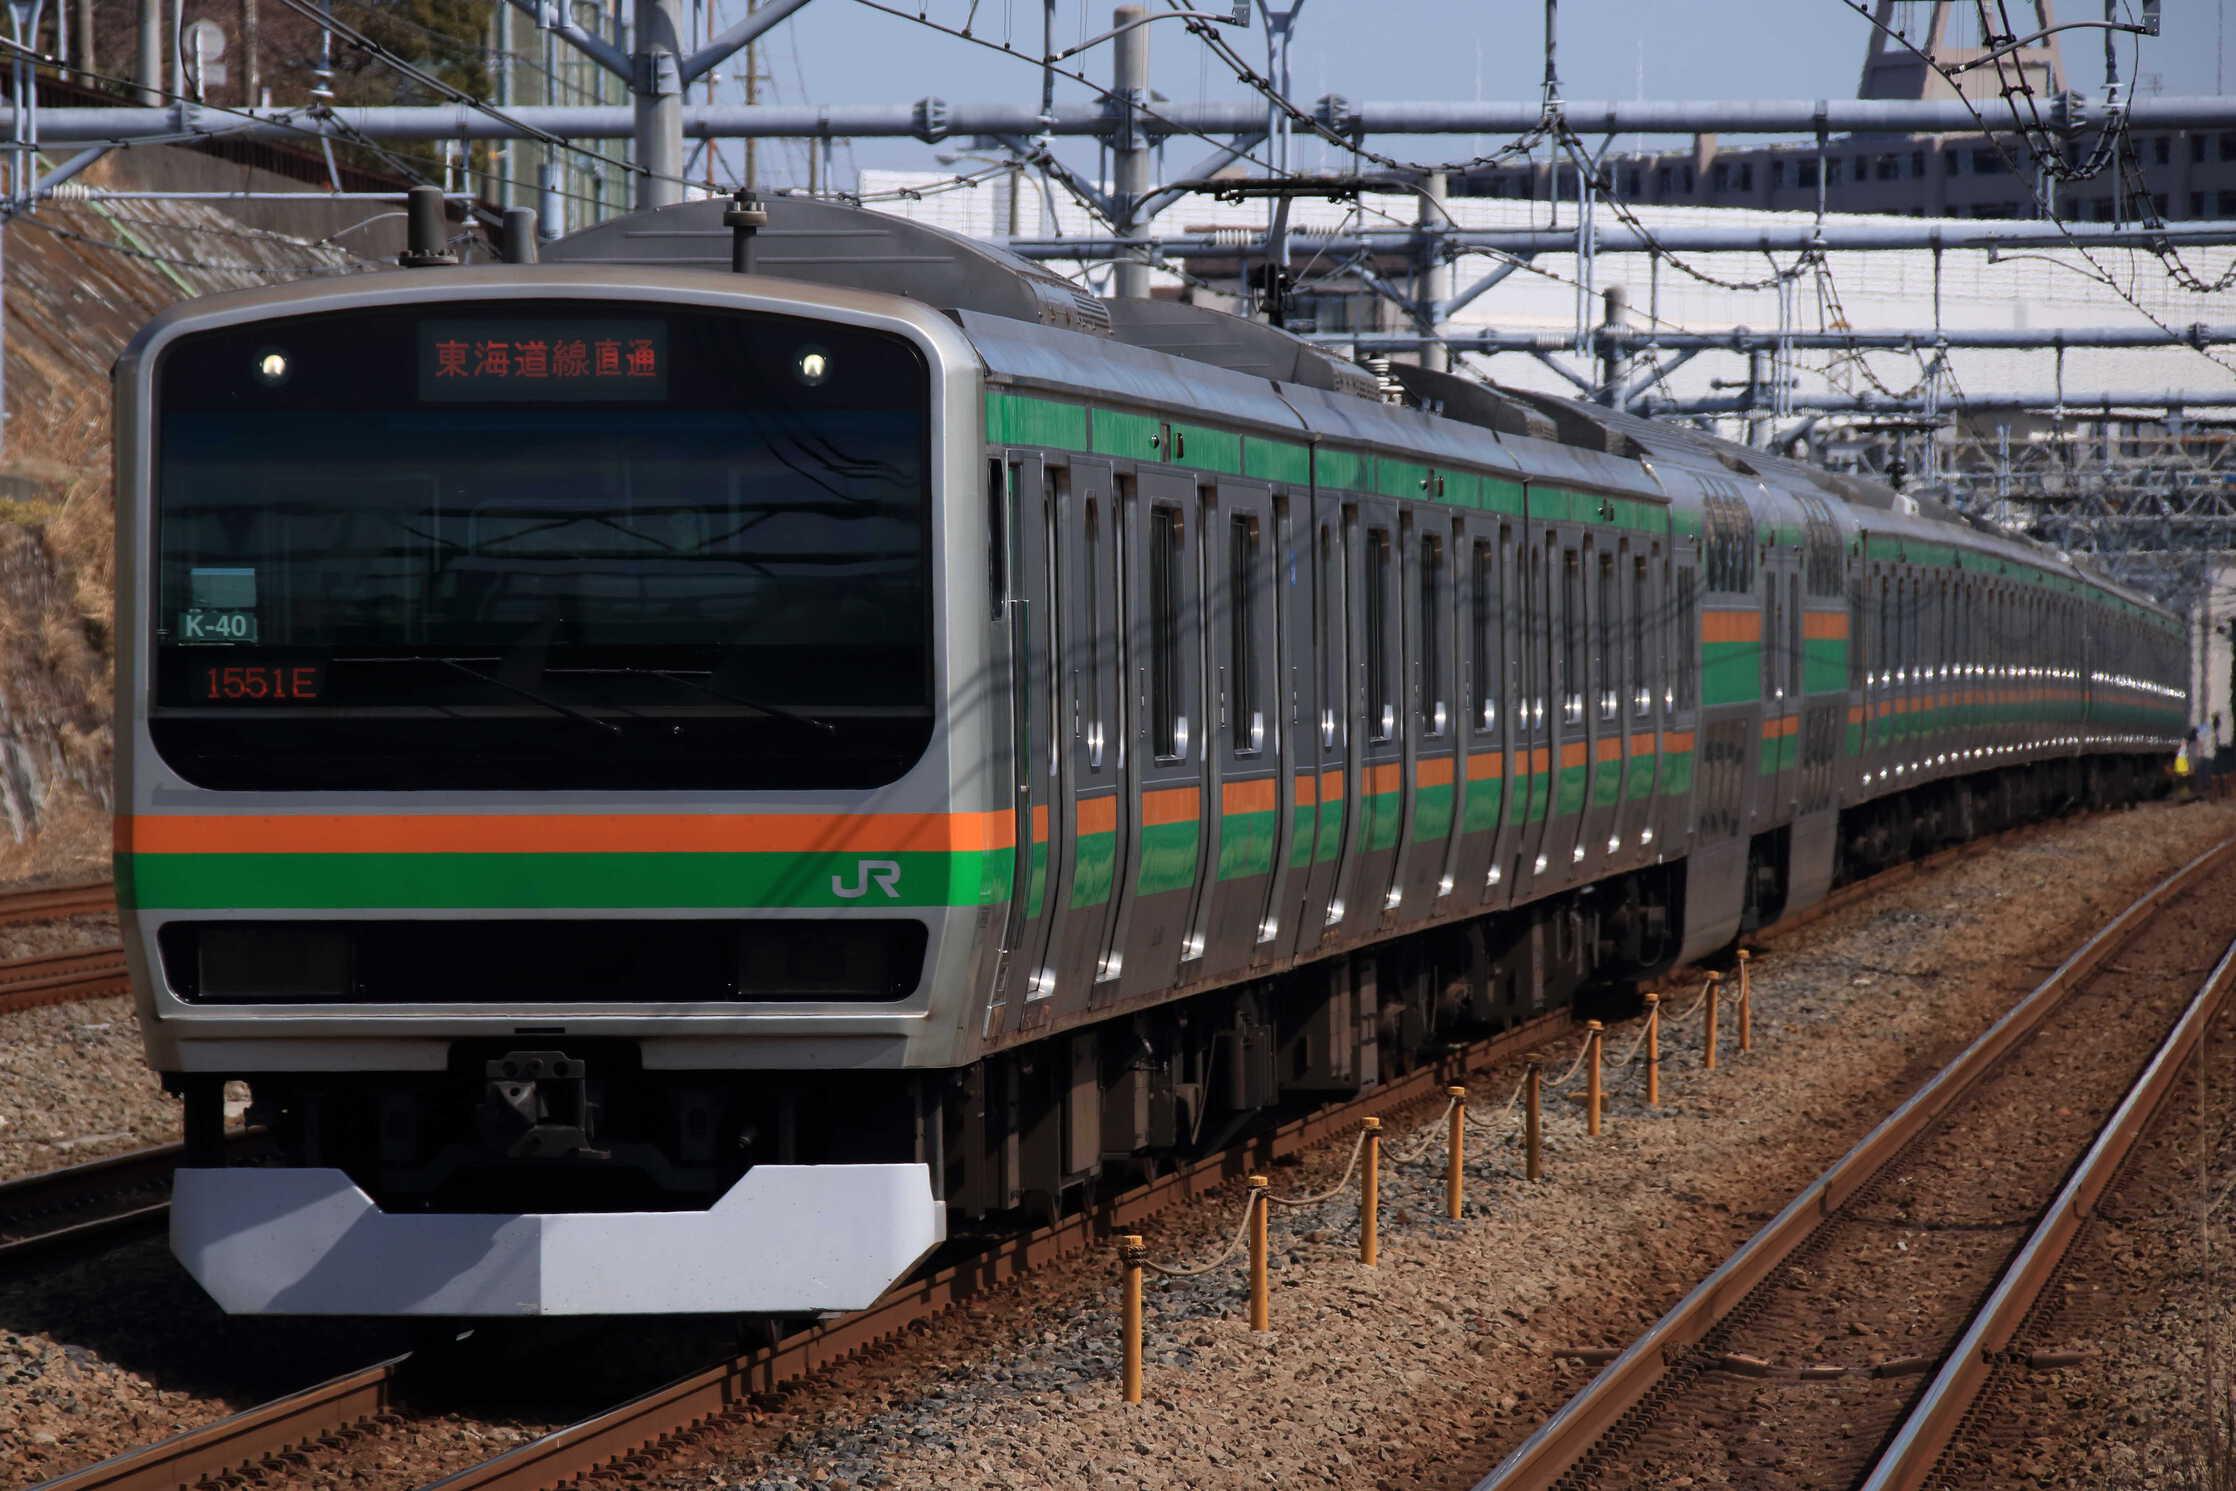 1551E E231系 横コツK-40編成+E231系 宮ヤマU6編成